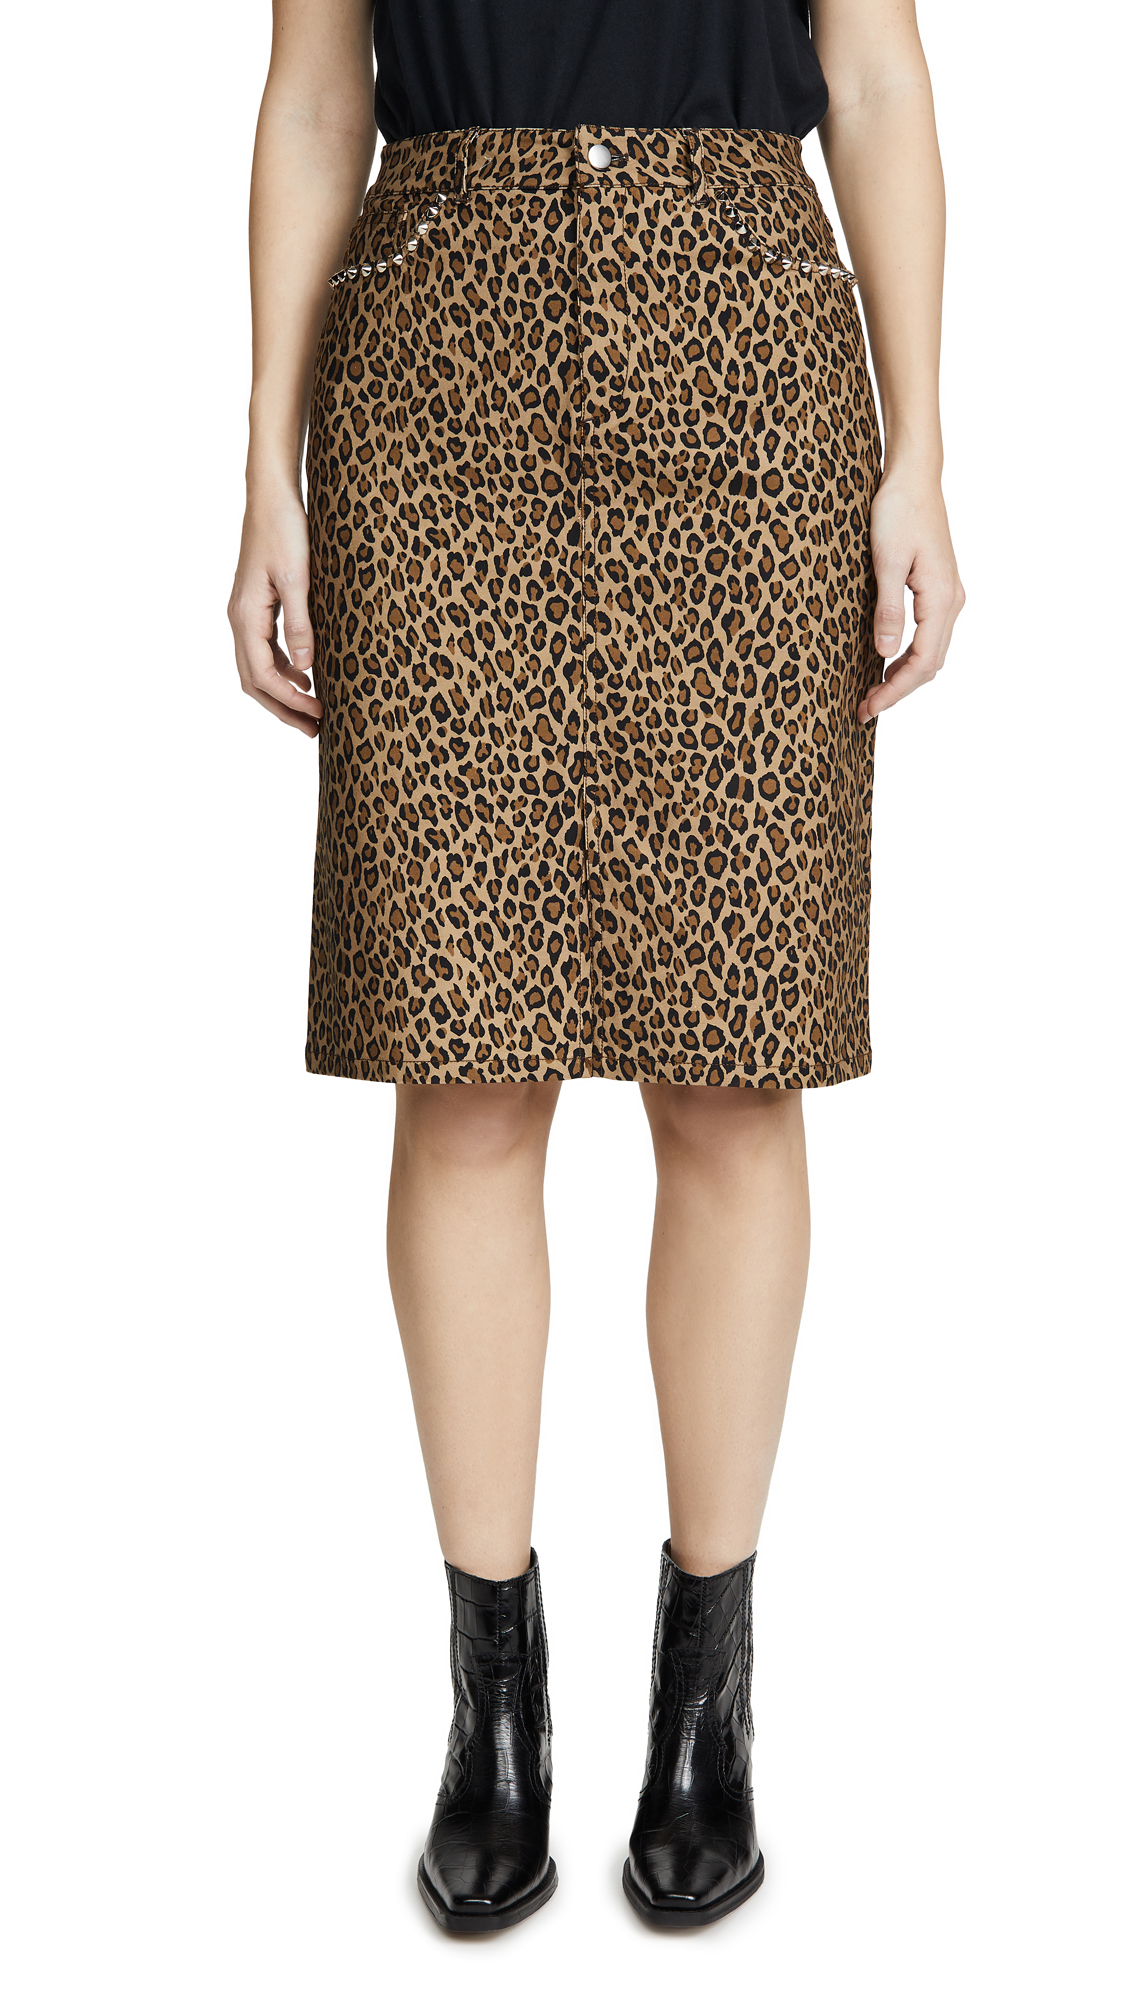 Buy LES REVERIES online - photo of LES REVERIES Leopard Pencil Skirt